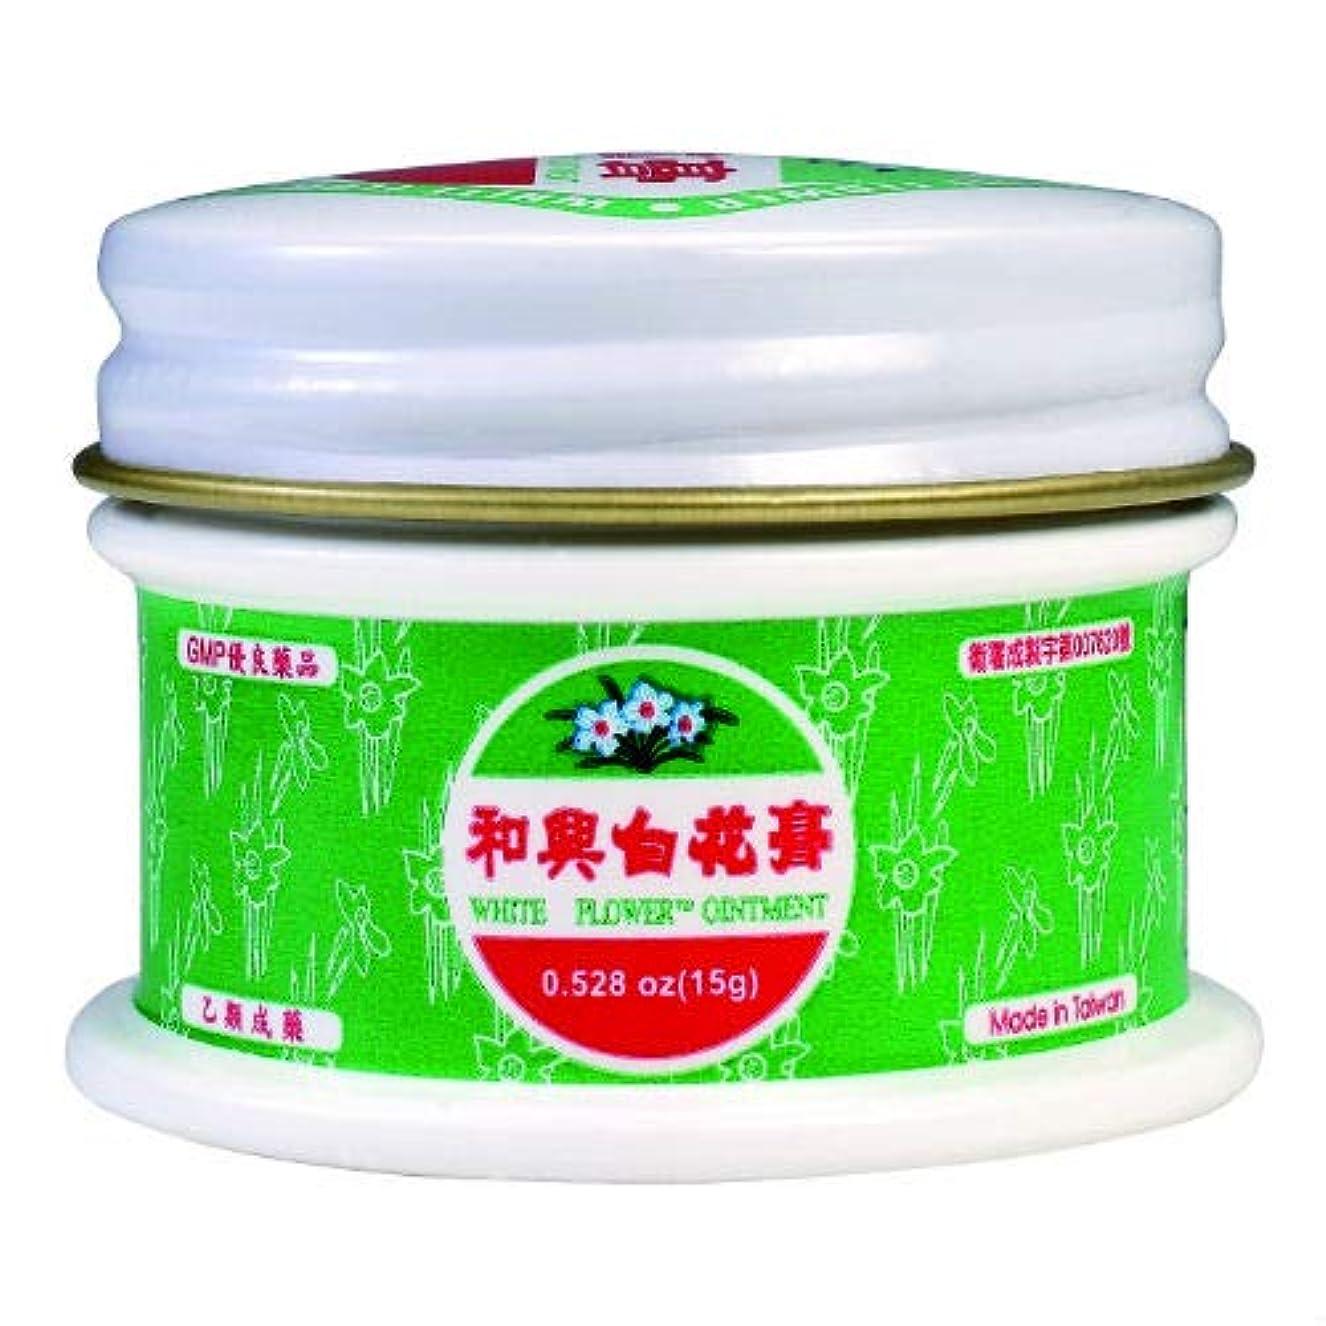 台湾 純正版 白花膏 15g( 白花油軟膏タイプ )